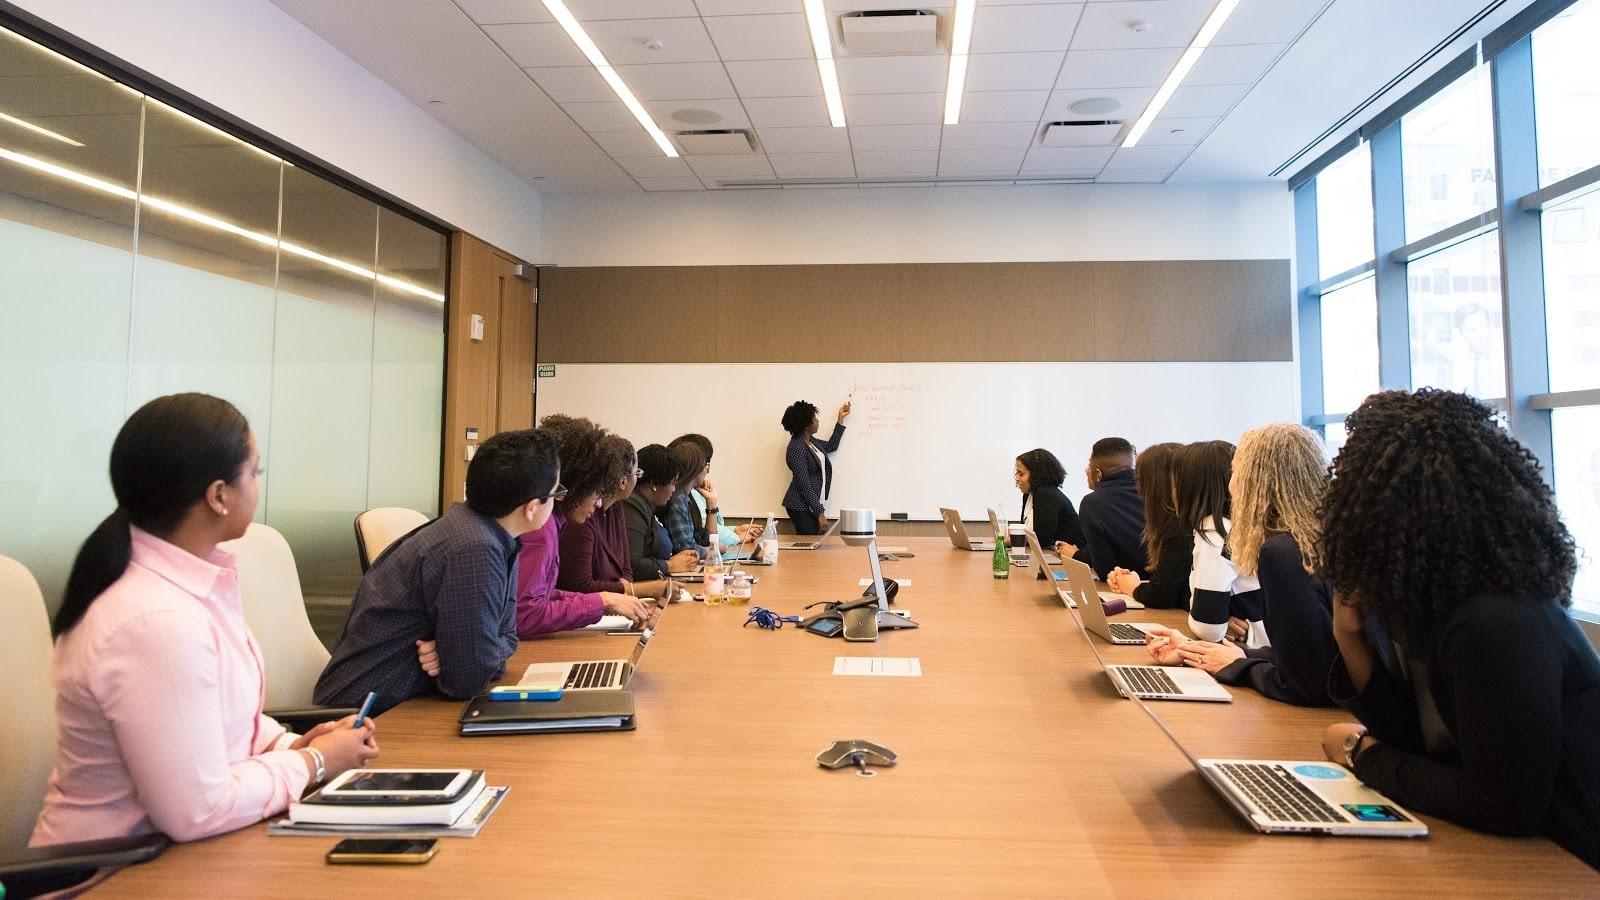 conference-conference-room-digital-nomad-1181396